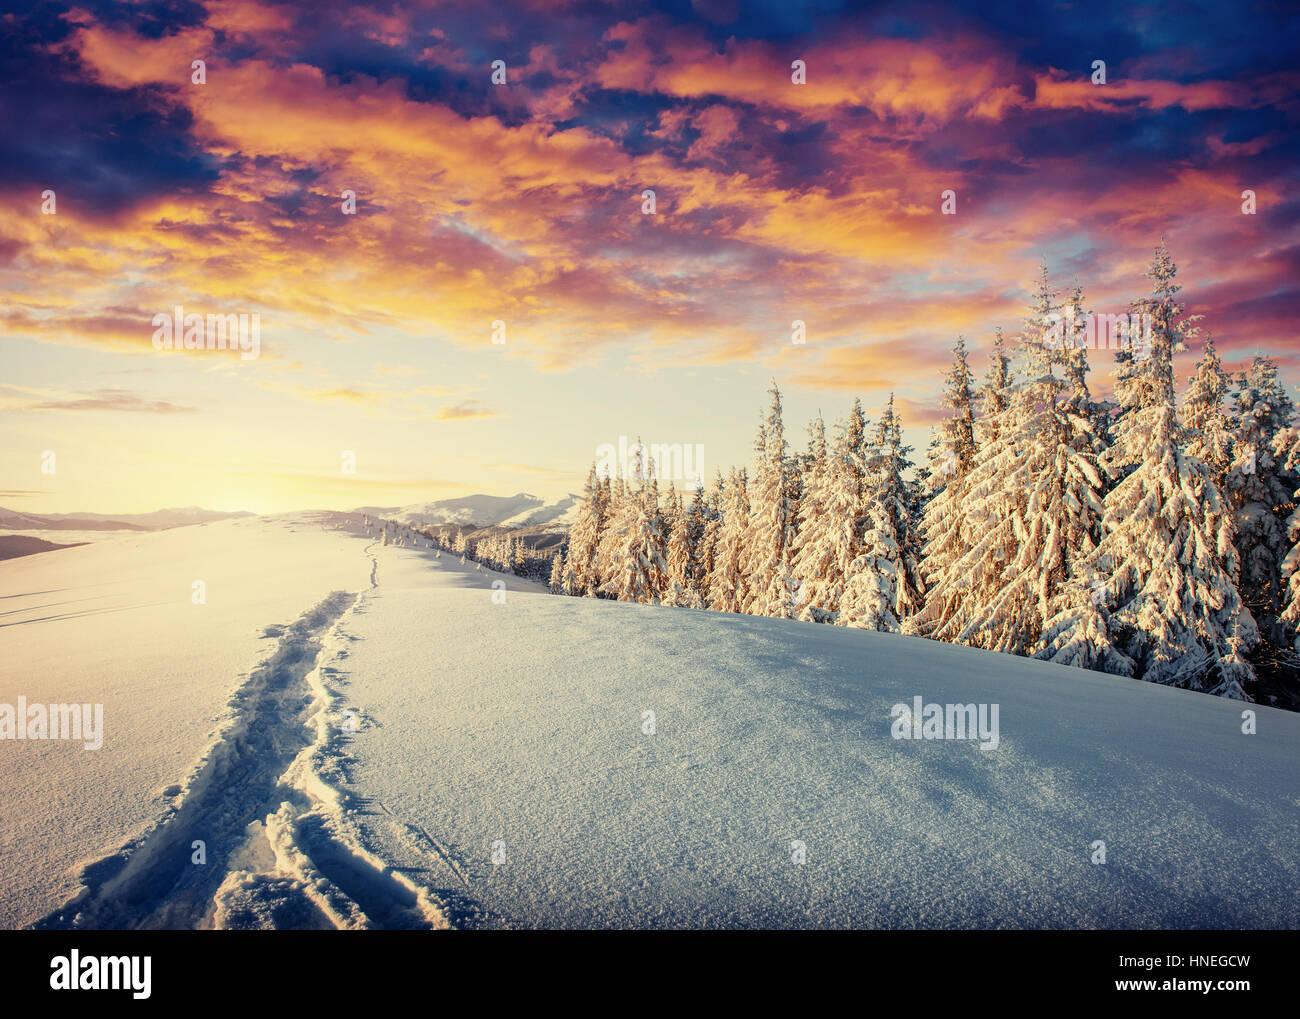 Strada d'inverno. Bel colore ad alta risoluzione di immagine con una vacanze Immagini Stock